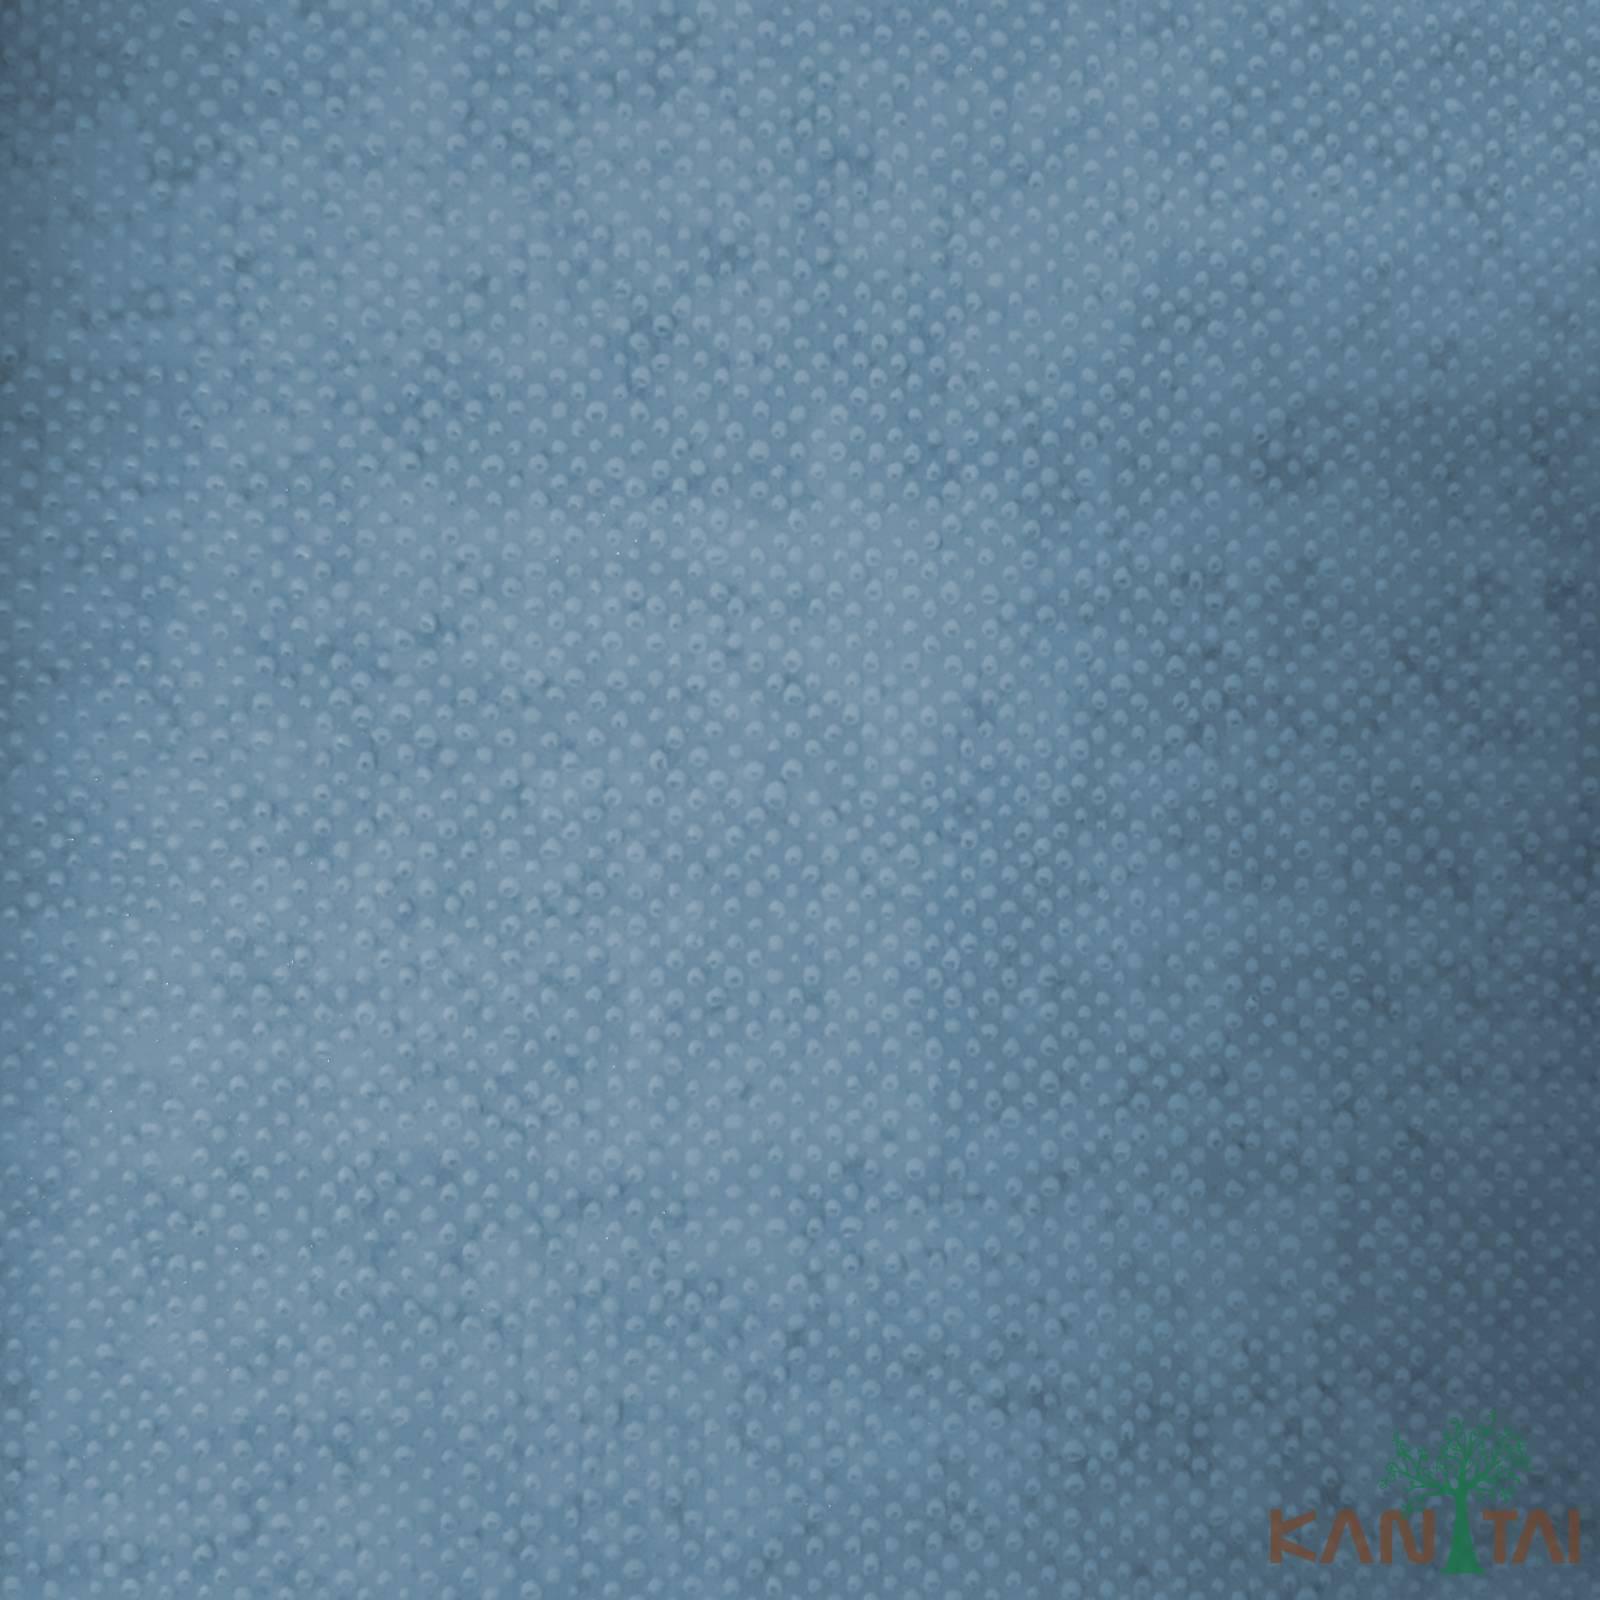 Papel de Parede Vinílico Texturizado My Colors 10315 imagem 1